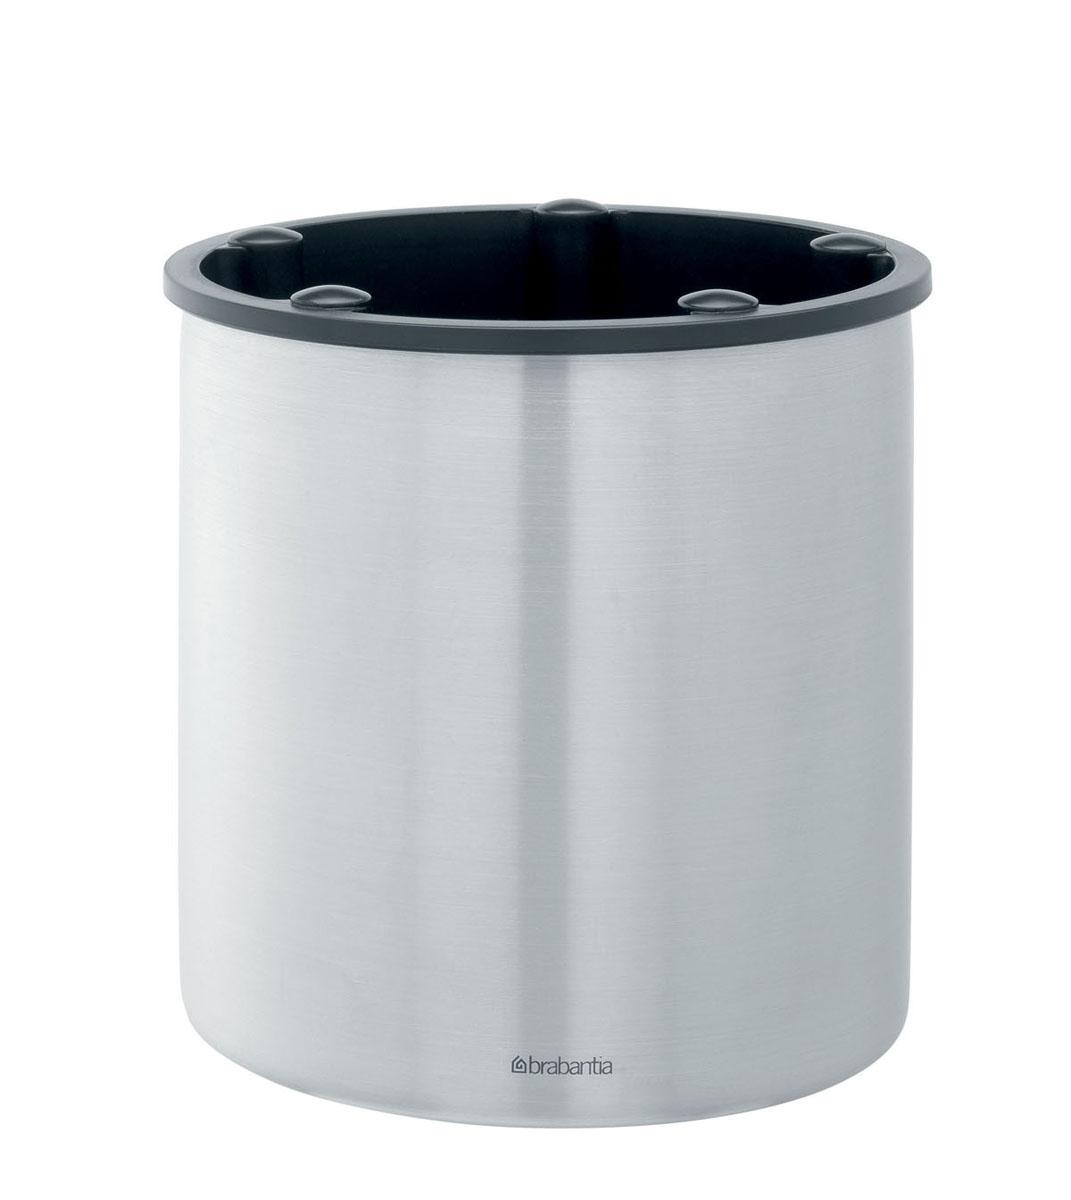 Подставка для кухонных принадлежностей Brabantia. 313066313066Удобная очистка – можно мыть в посудомоечной машине.Подставка изготовлена из нержавеющей стали.Имеет съемный пластиковый стакан.